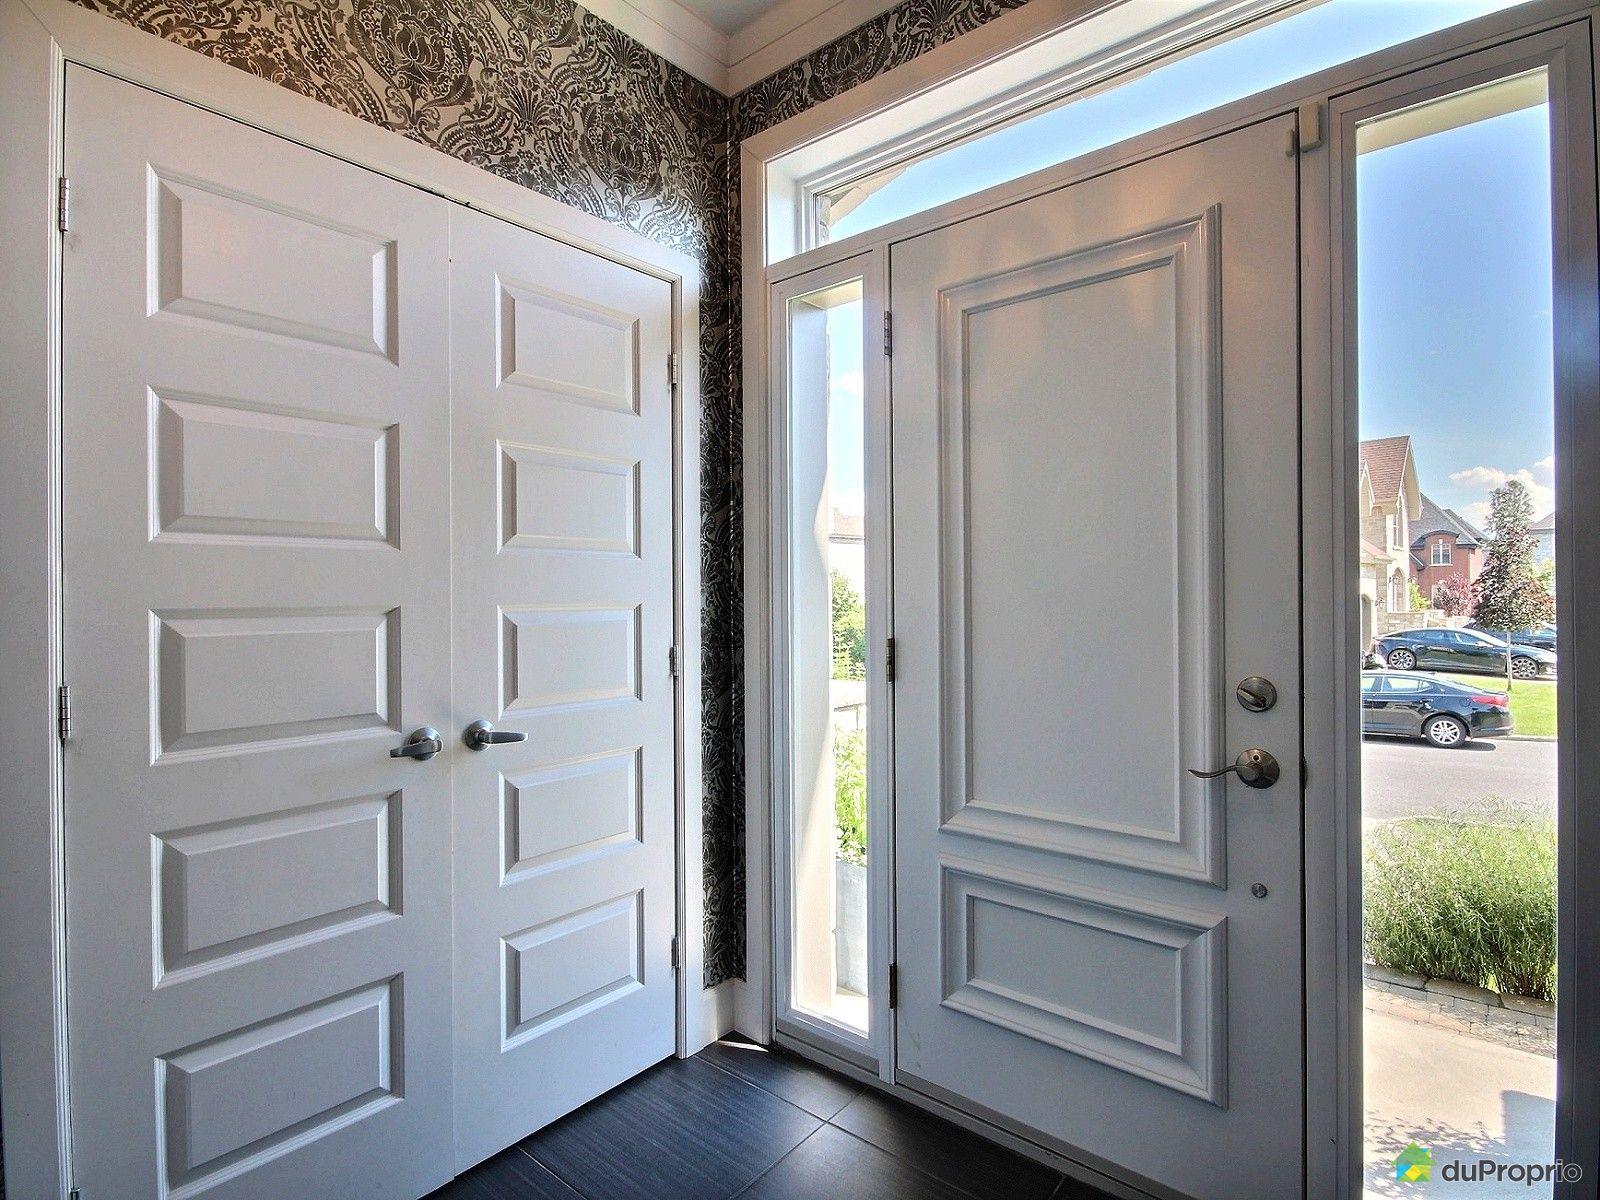 maison vendu candiac immobilier qubec duproprio 627425 - Maison Moderne Candiac